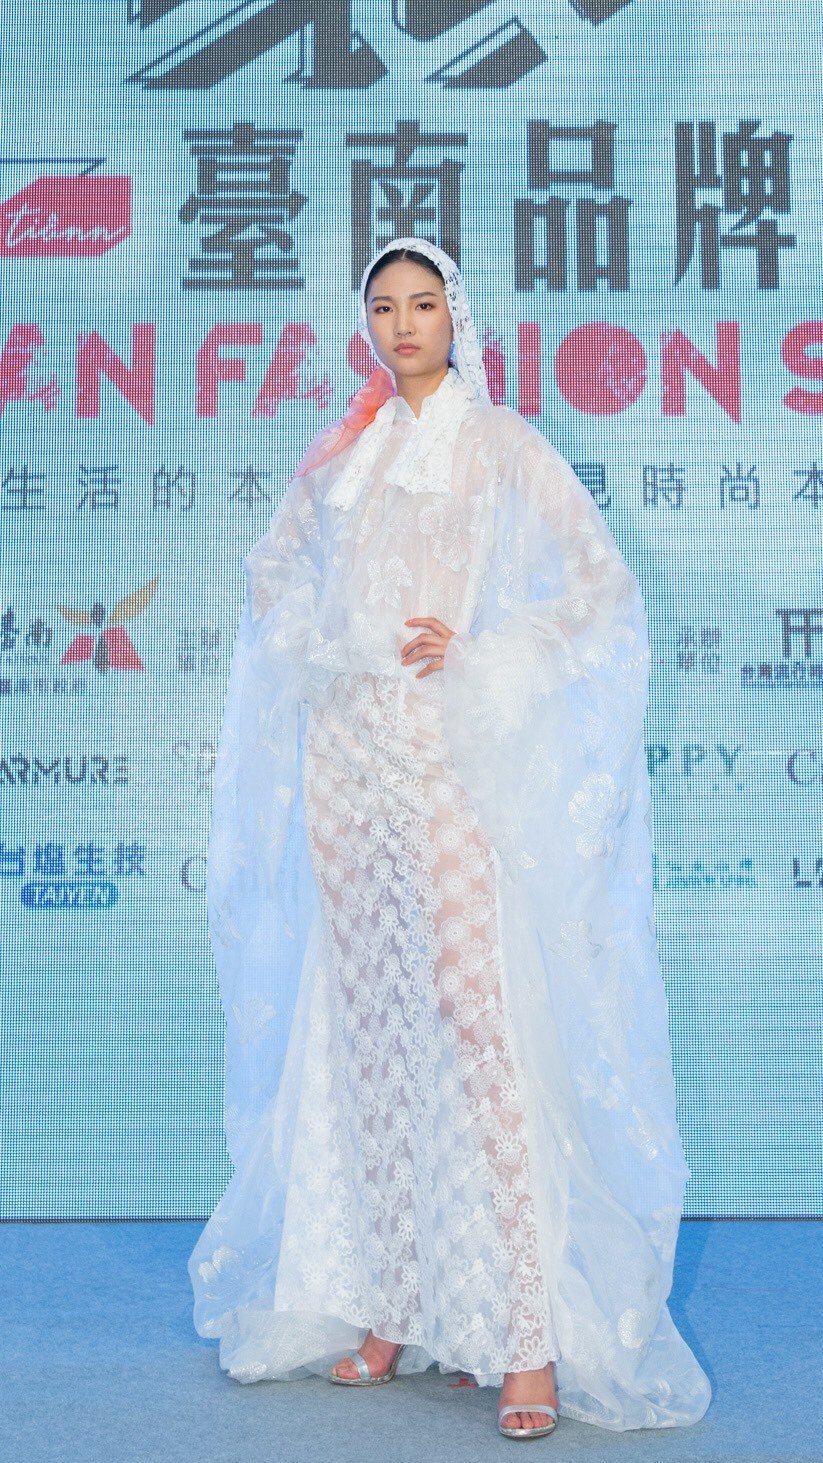 陳詠芯擔任「埕現臺南品牌時尚秀」代言人,一襲透明蕾絲禮服豔驚四座。圖/伊林提供